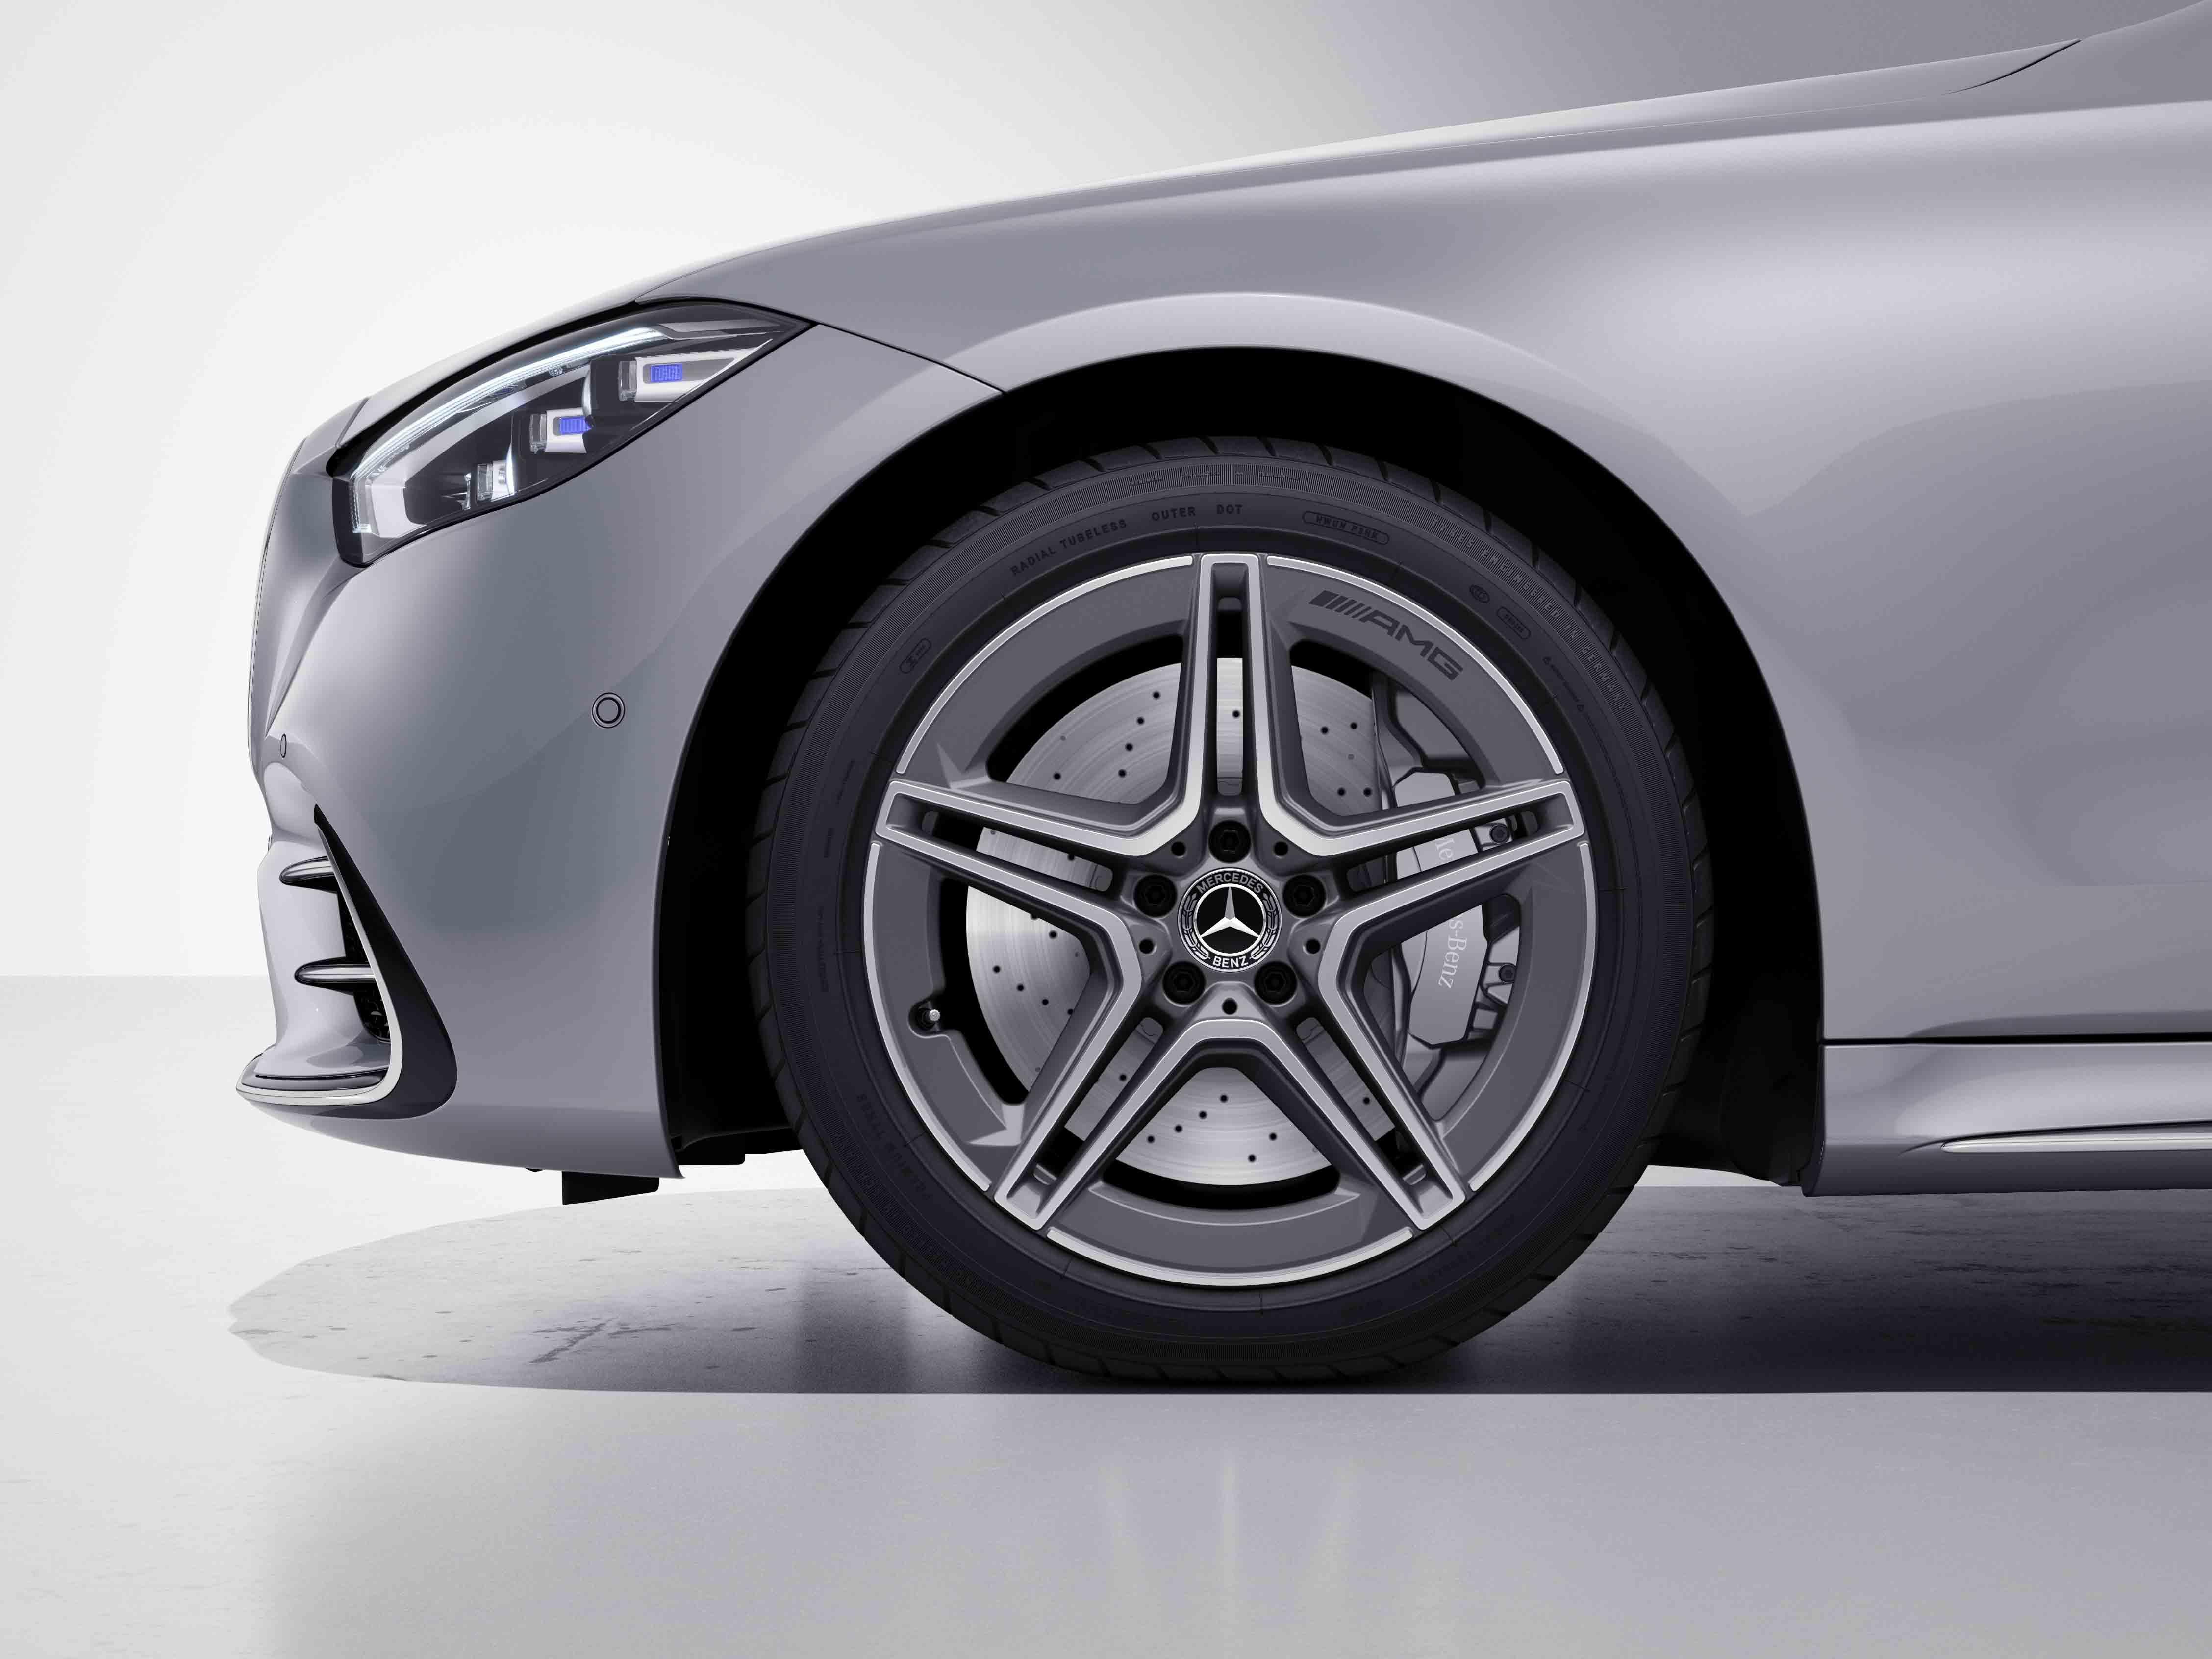 Jantes AMG 20 à 10 branches de la Mercedes-Benz Classe S Limousine